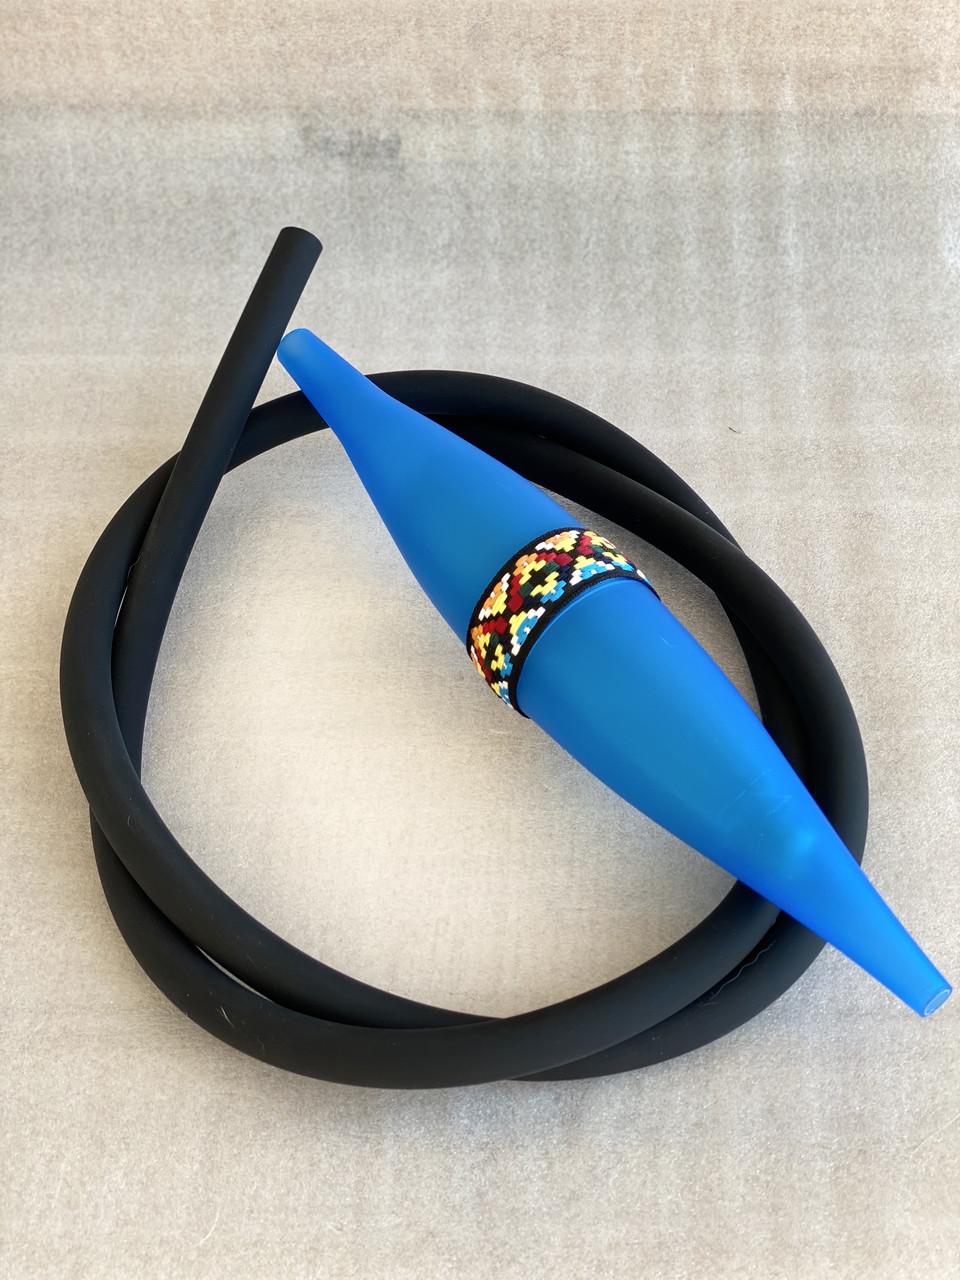 Комплект шланг софт тач + базука супергель | Комплект для кальяна летний синий